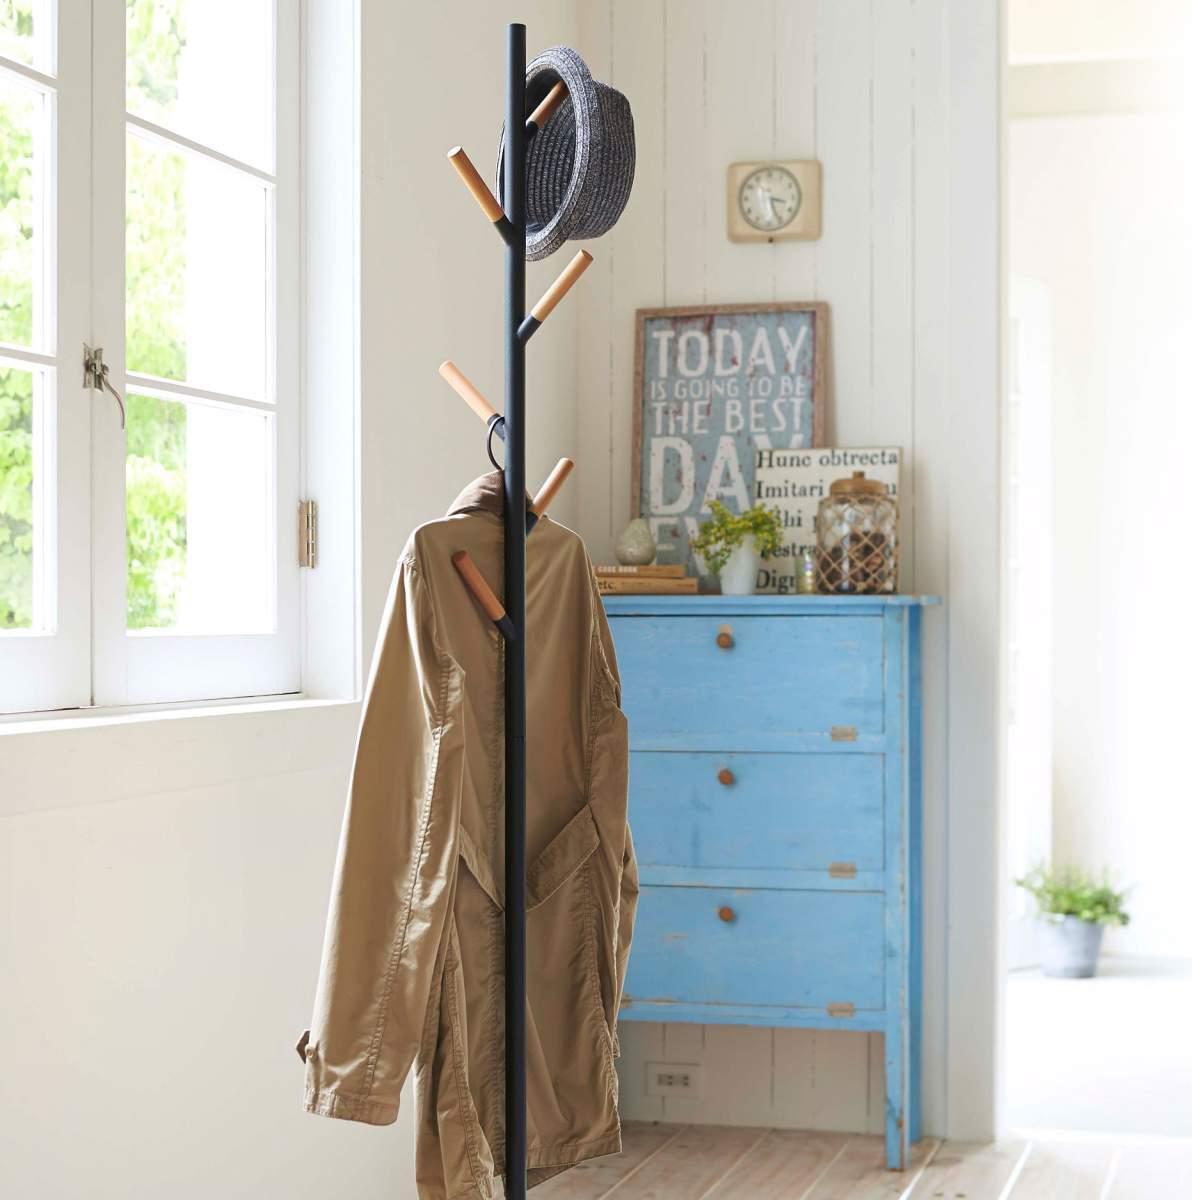 Yamazaki Garderobenständer Kleiderständer Kleiderständer Kleiderständer Garderobe Metall + Holzakzente schwarz 7a1d67